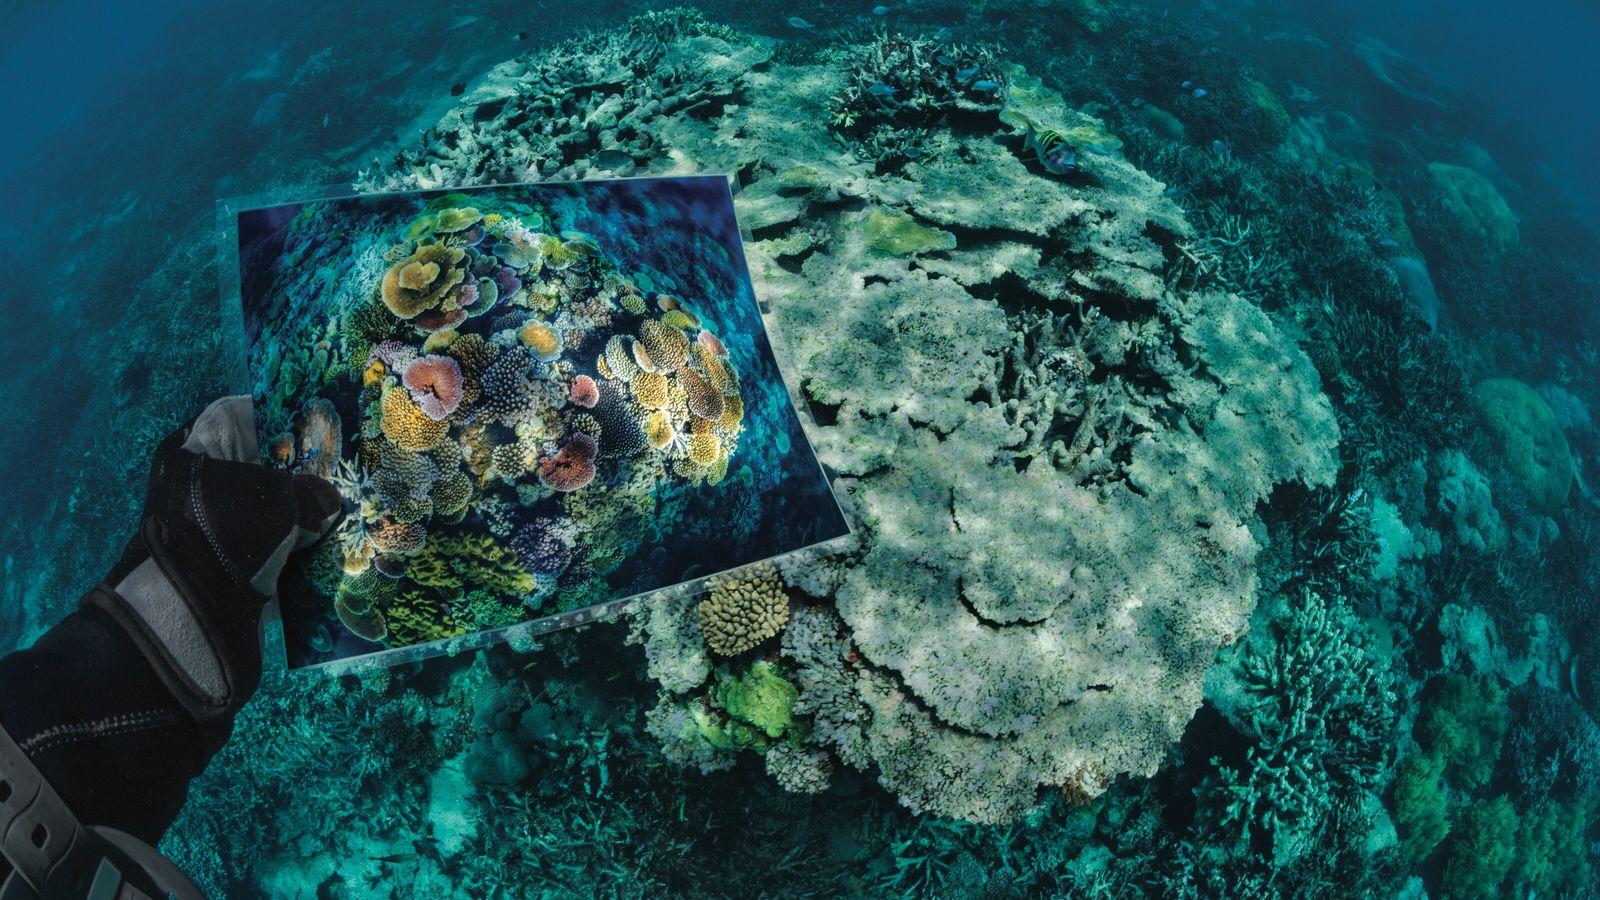 Le récif Opal, dans la Grande Barrière de corail, en Australie, a subi de gros dégâts ...